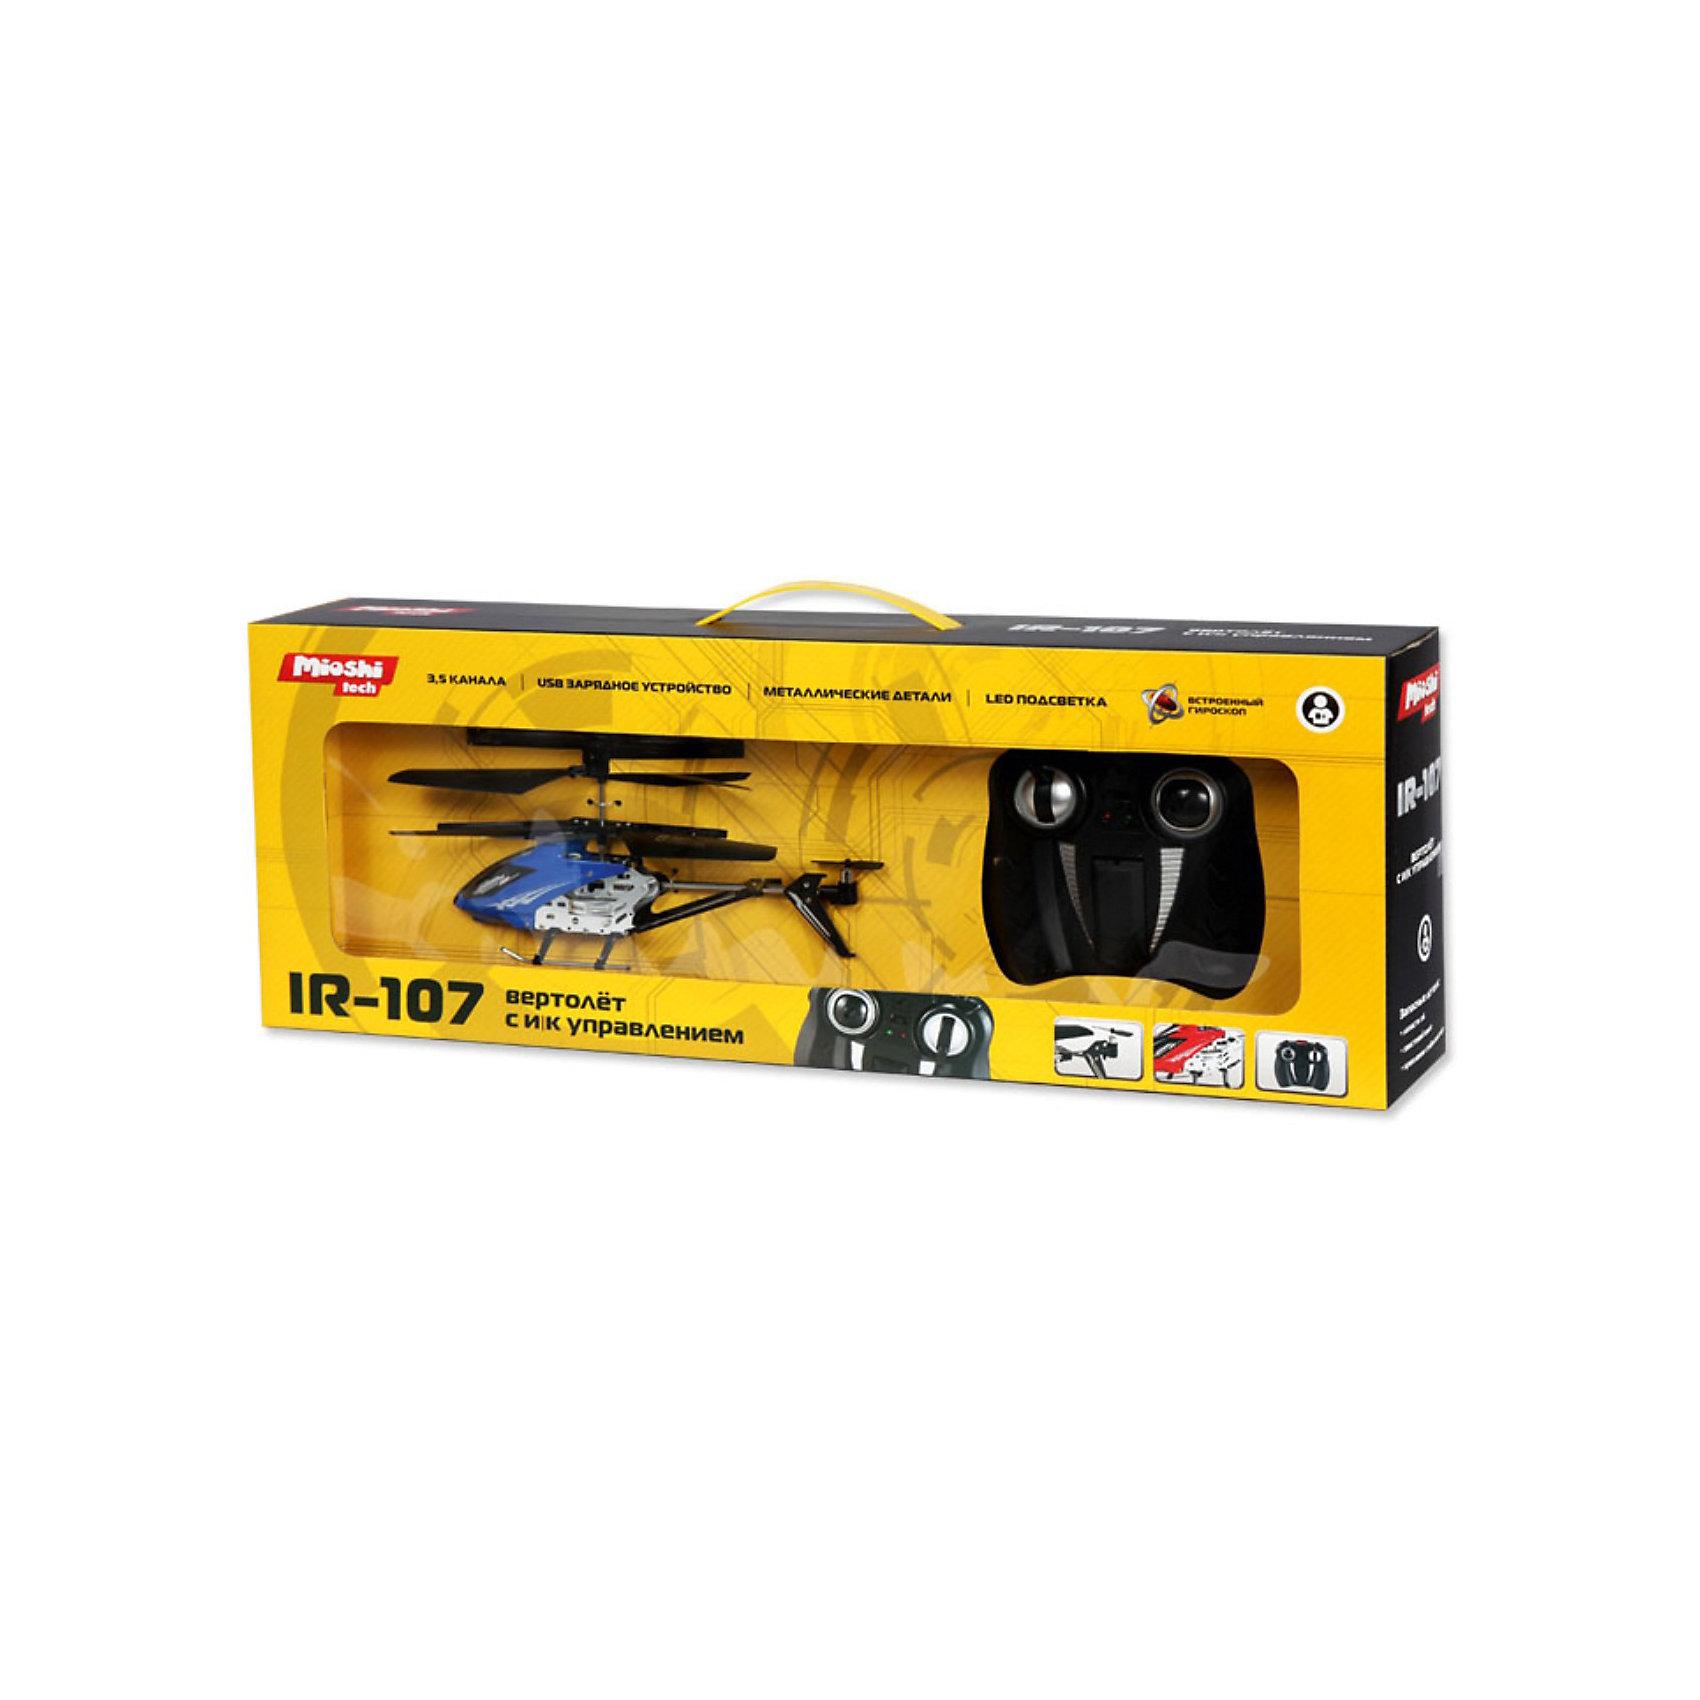 """Вертолет """"IR-107,  синий"""", на и/к управлении, Mioshi Tech от myToys"""